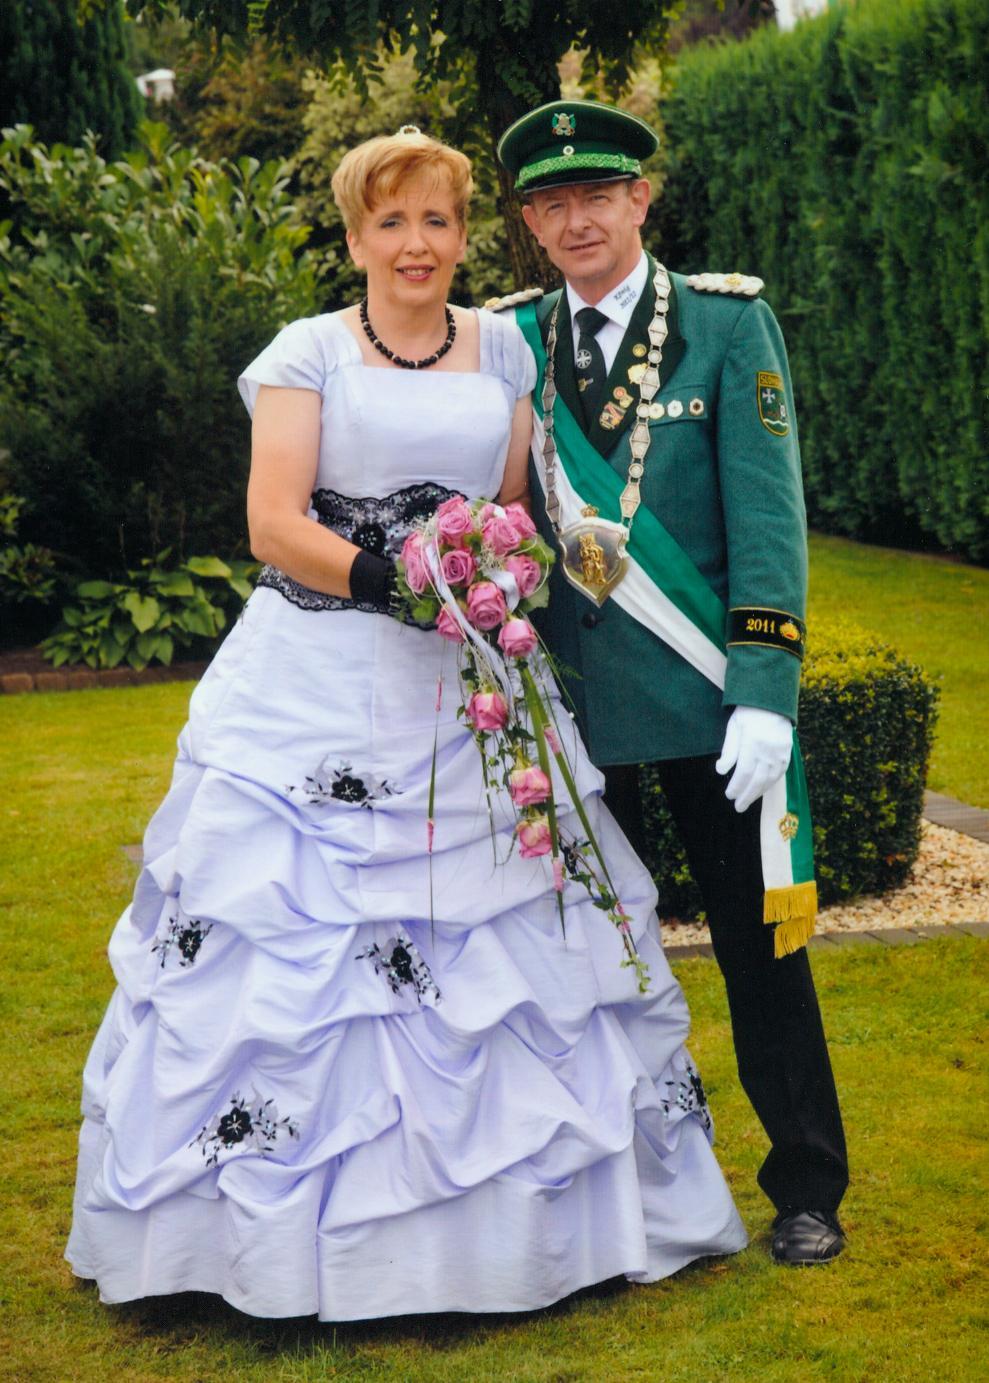 Königspaar 2011 Gerd und Rita Sasse